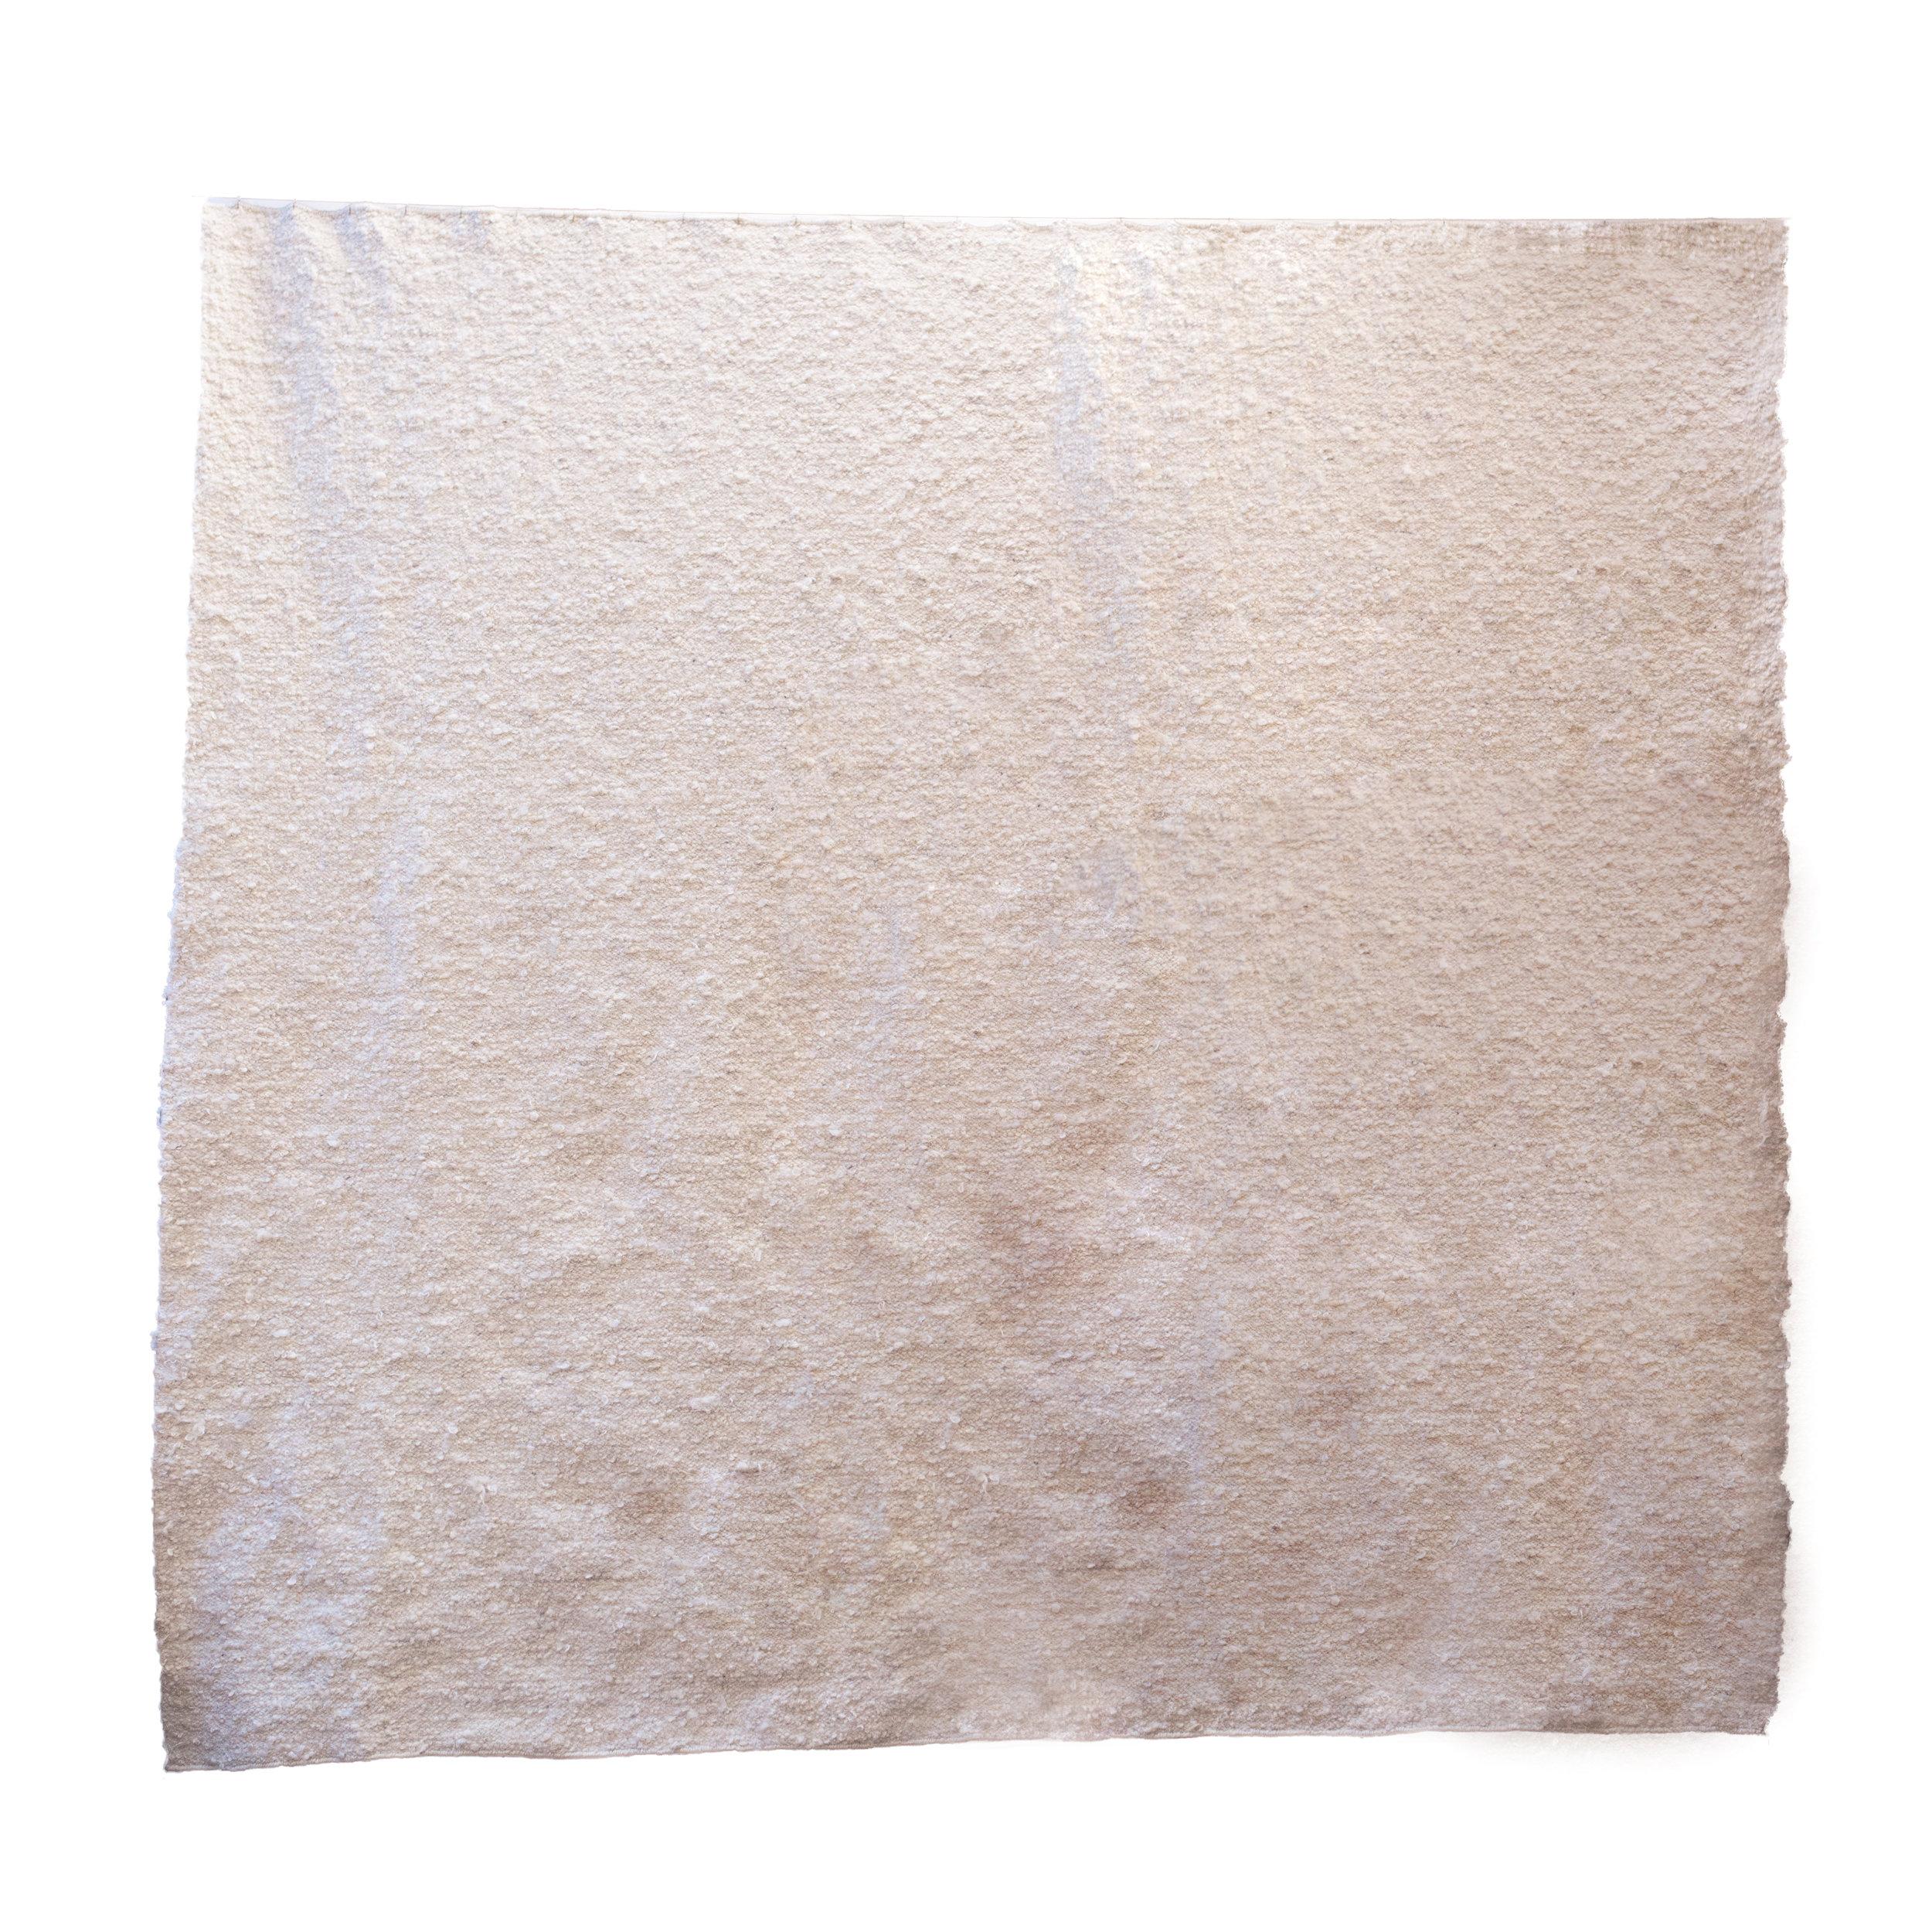 Curly Mohair + Karakul Blend Rug in white.jpg